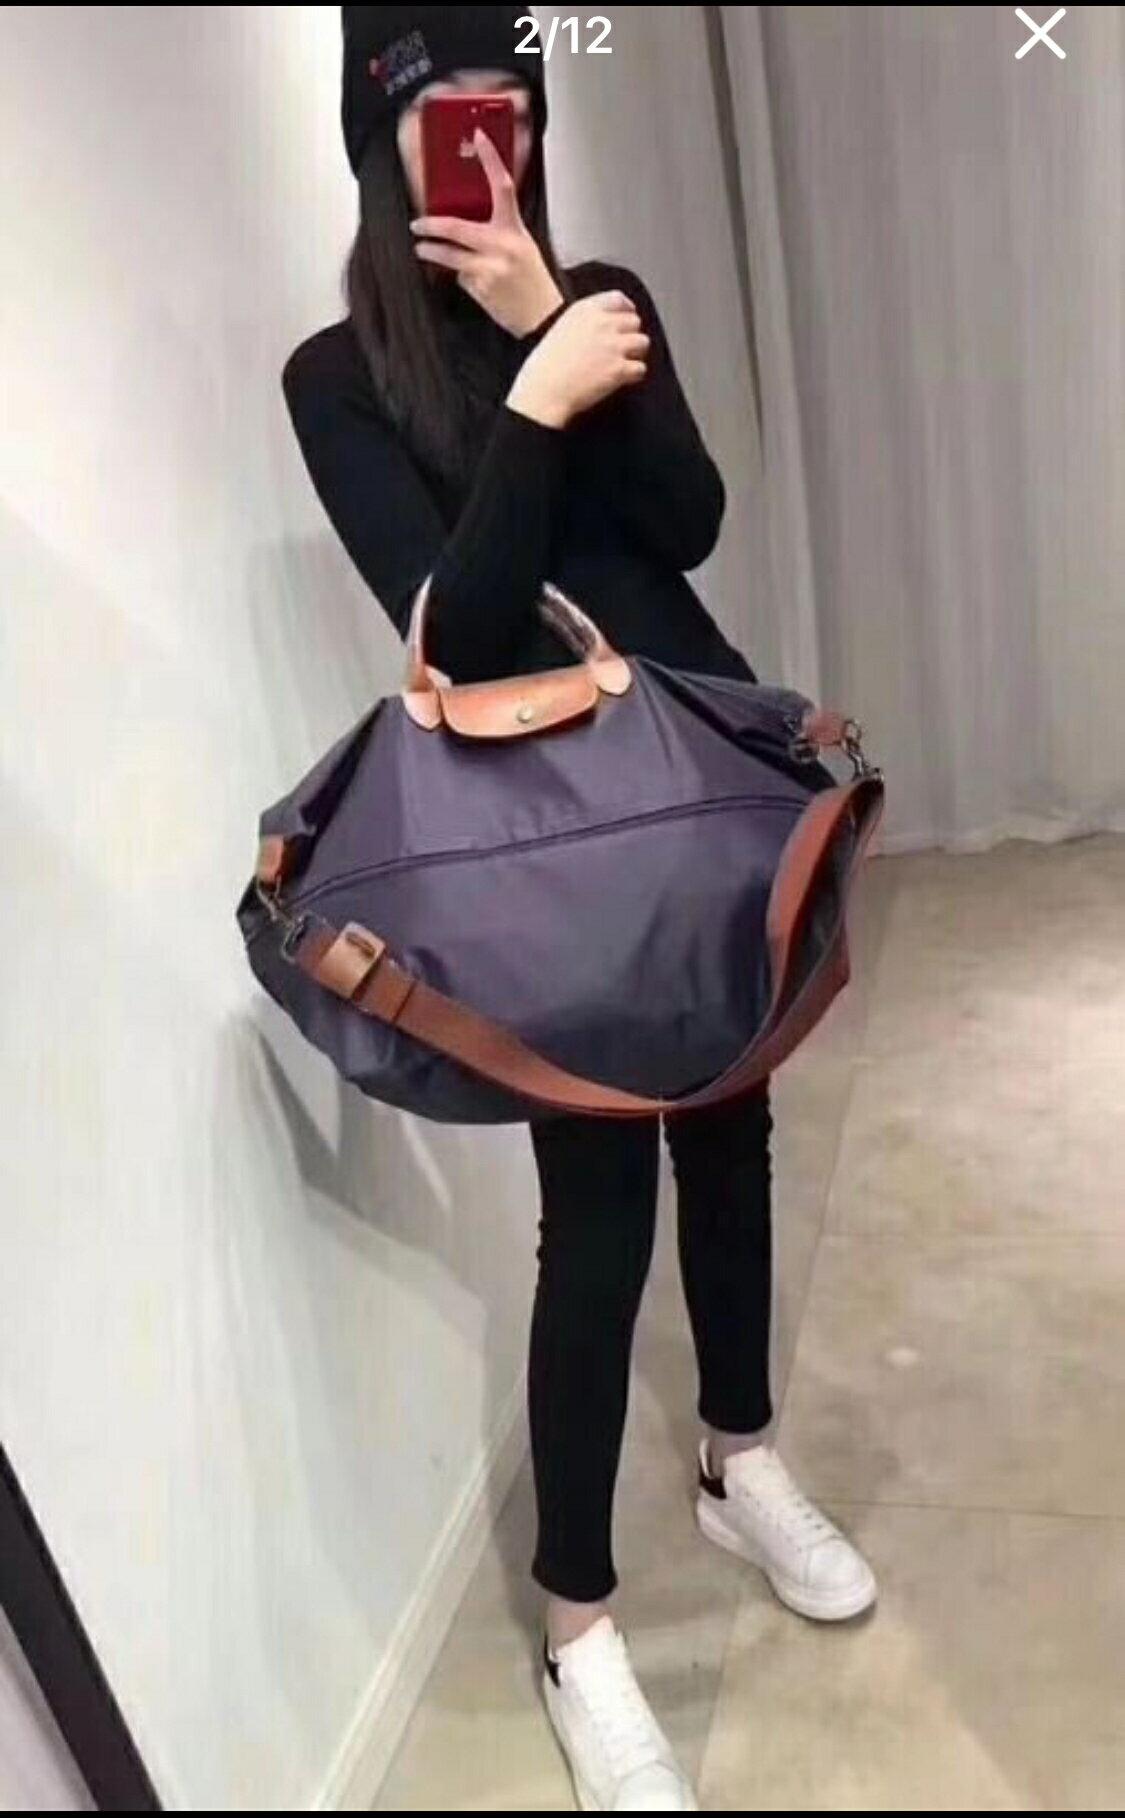 *vivi shop*法國正品1911兩用旅行包 longchamp le pliage cuir travel bag (Outlet代購)旅行袋 手提肩背包( 買二贈一6/30日止).)